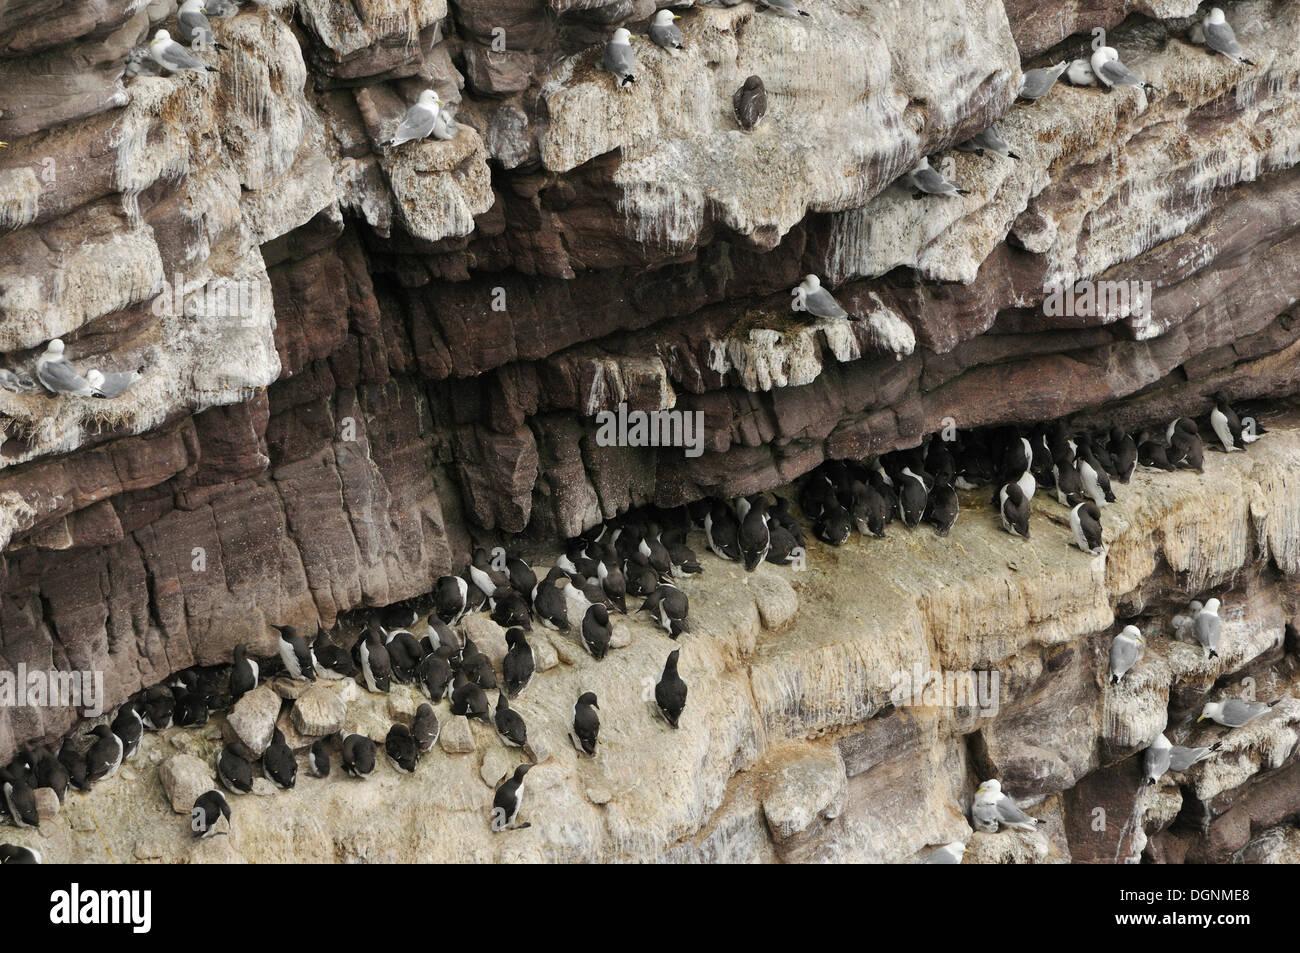 Falaises d'oiseaux, falaise abrupte couverte d'oiseaux nicheurs, guillemots (Uria sp.) et de Petits Pingouins (Alca torda), l'île de Handa, Ecosse Photo Stock